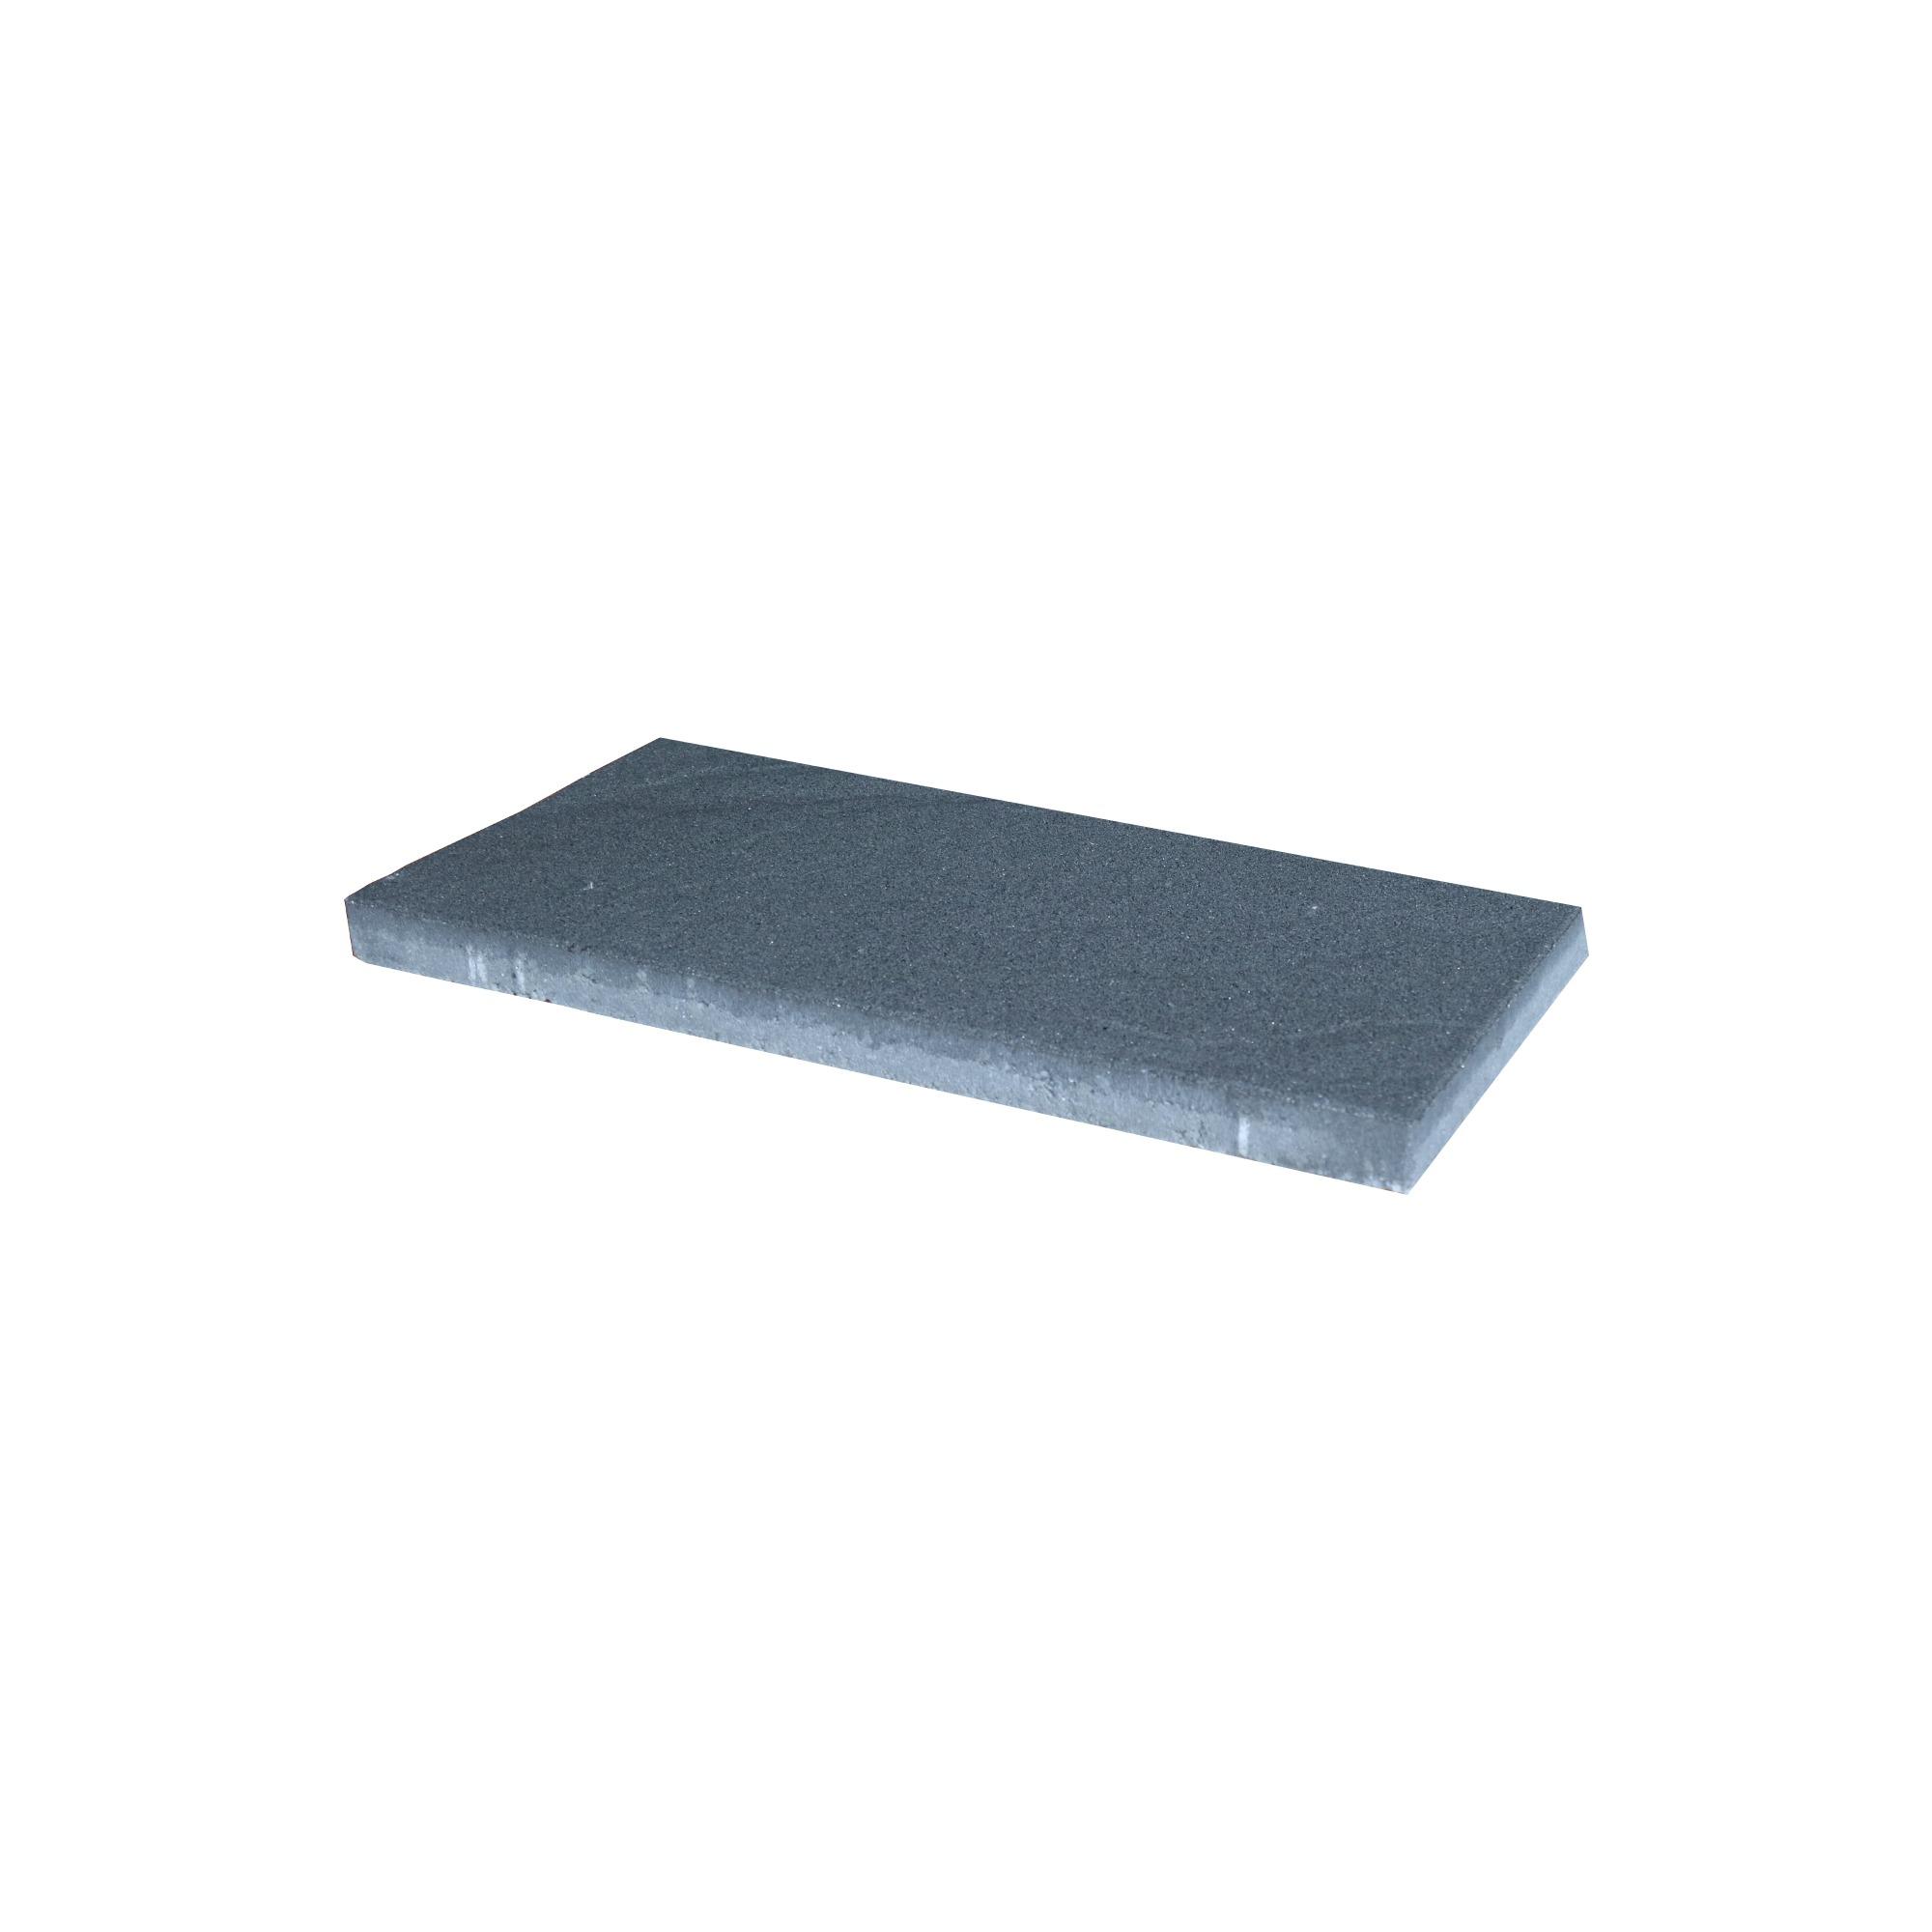 Terrastegel Beton Ardechio Zwart Nuance 60x30 cm Per Tegel-0,18 m2